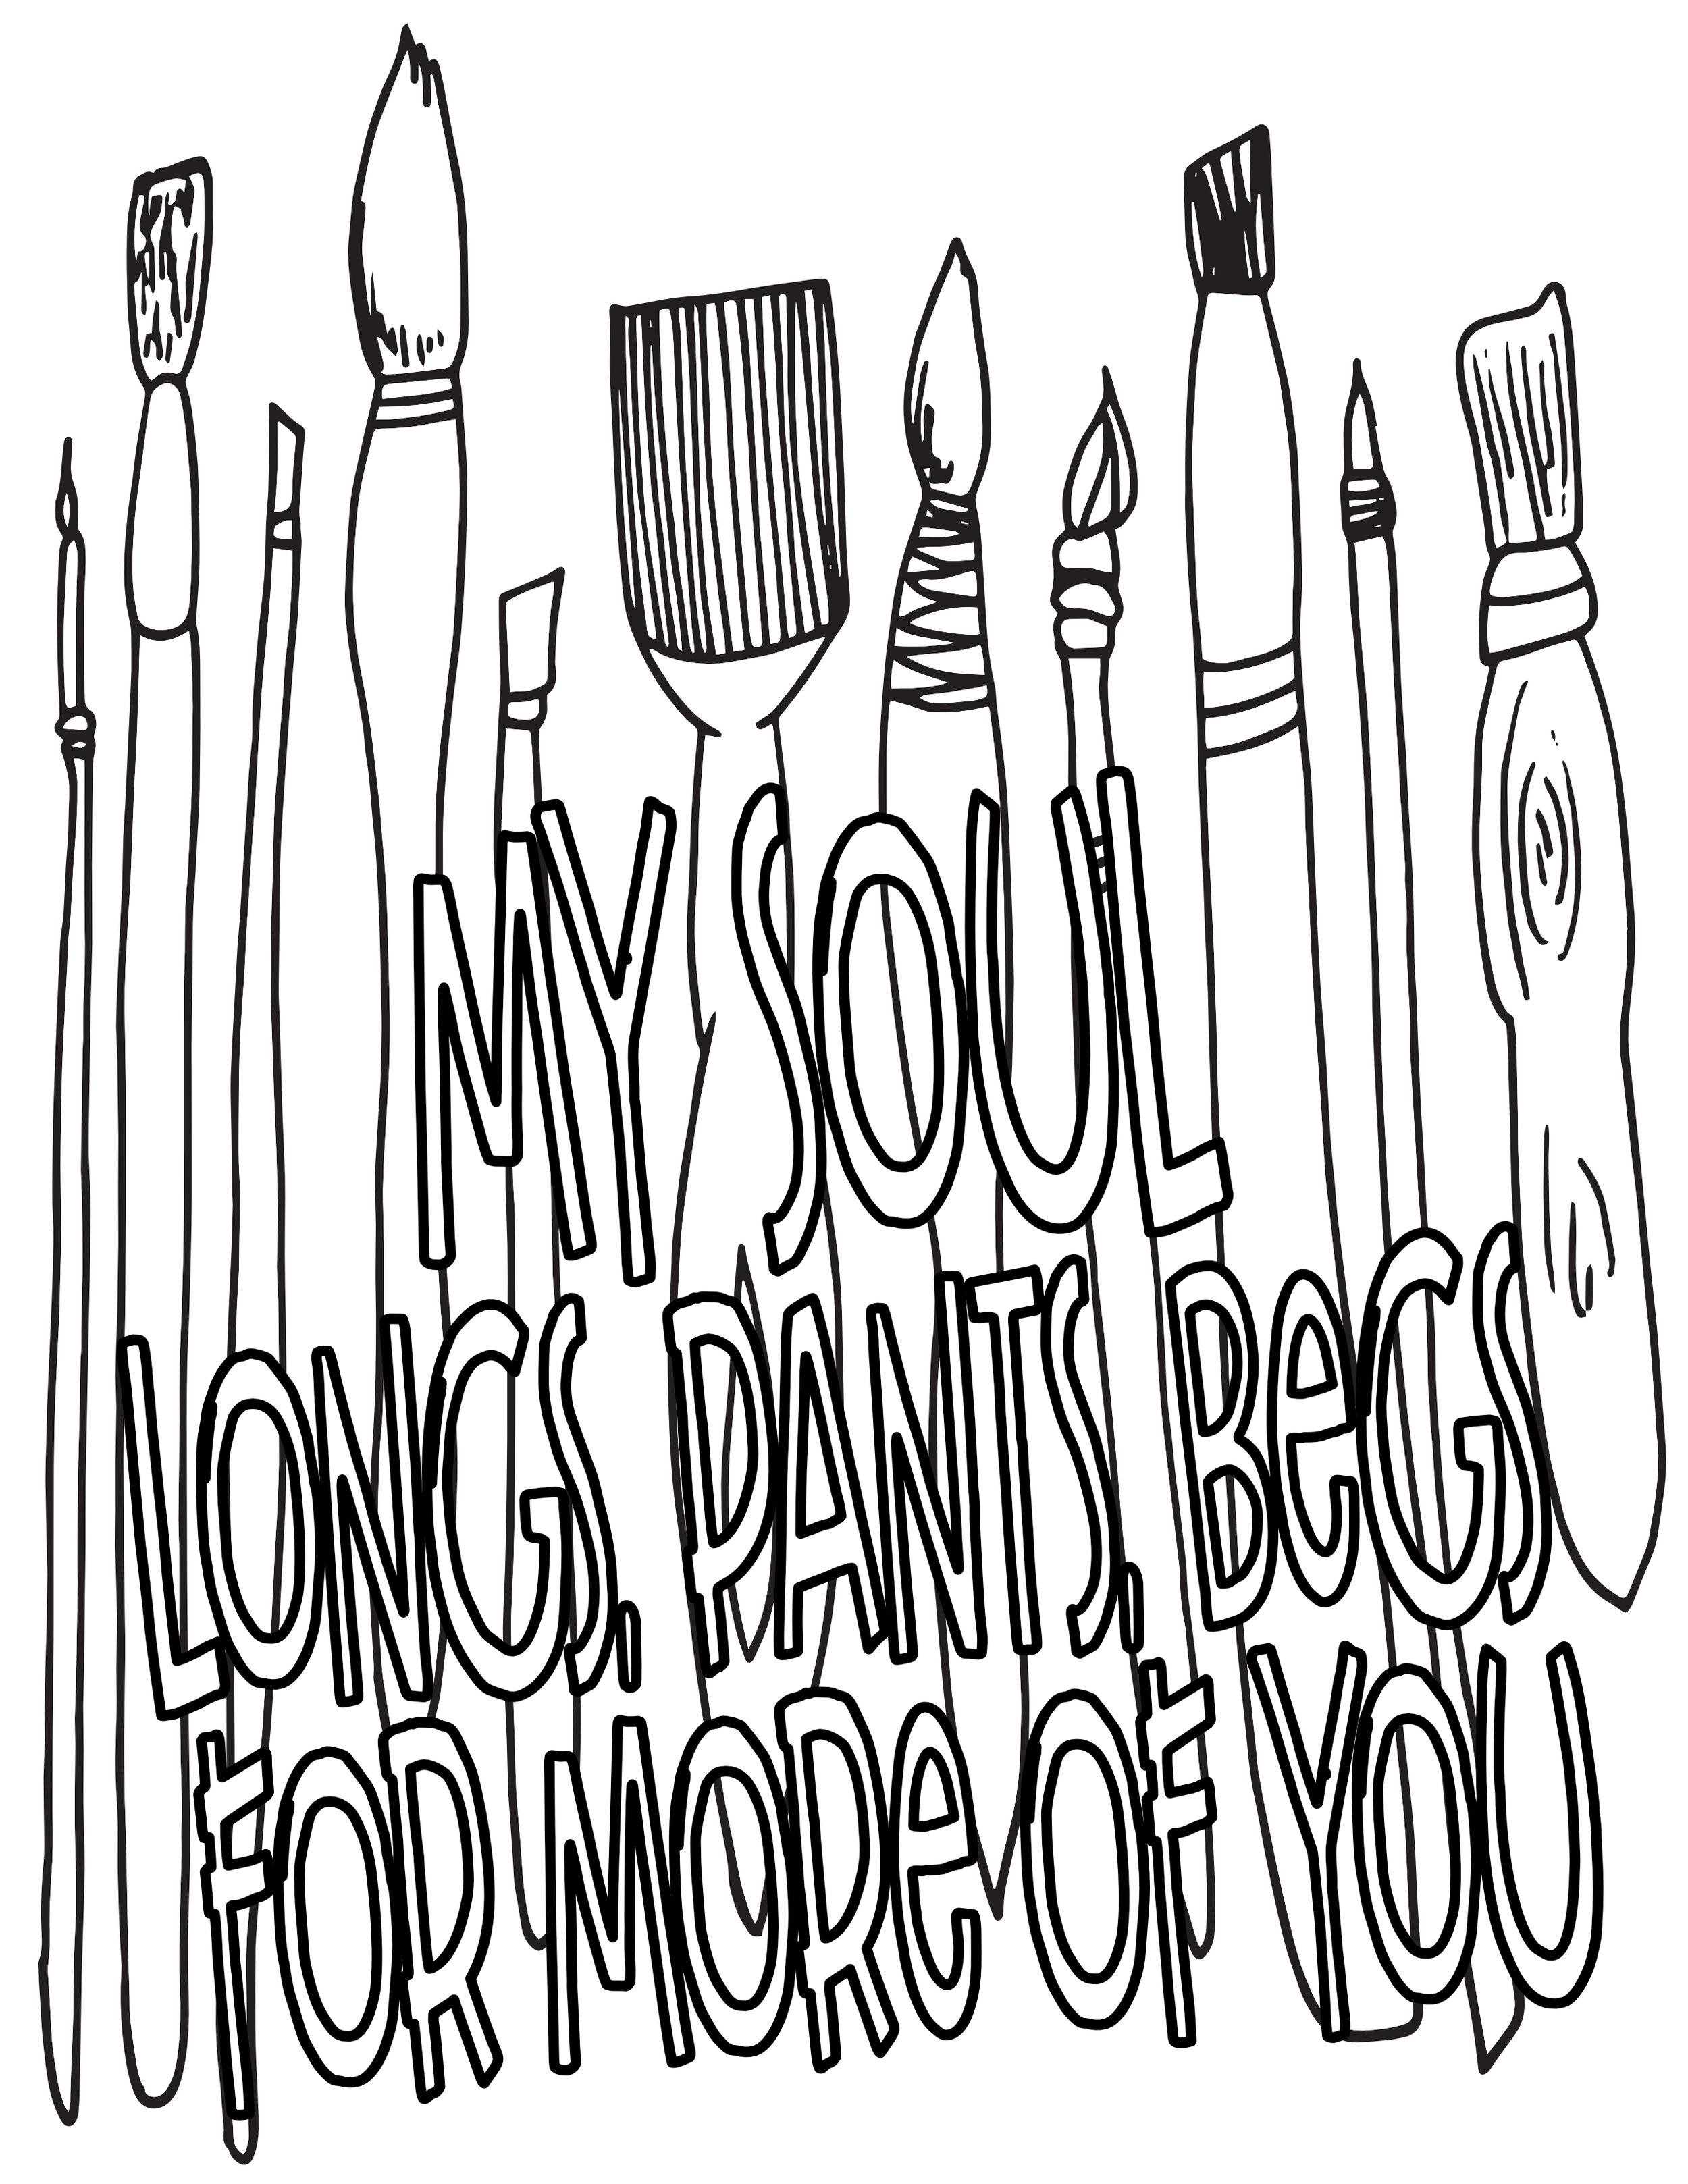 brushes my soul longs for you.stevie doodles.jpg